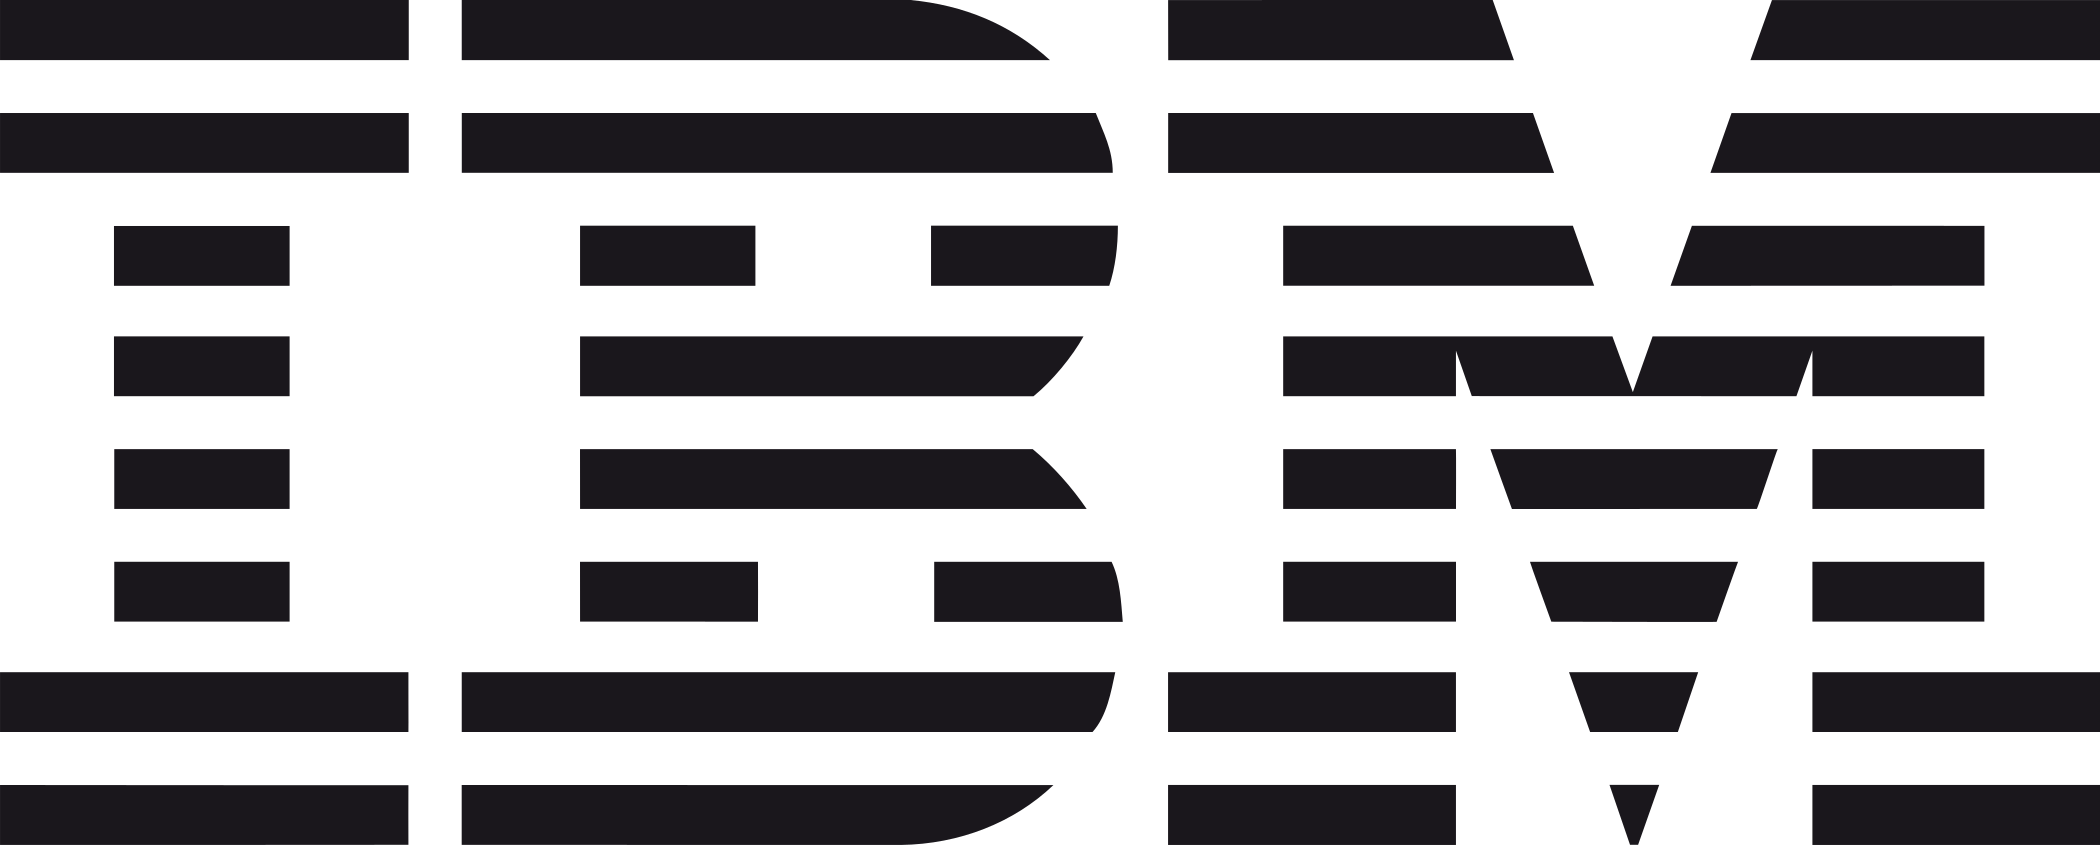 ibm logo 1 - IBM Logo